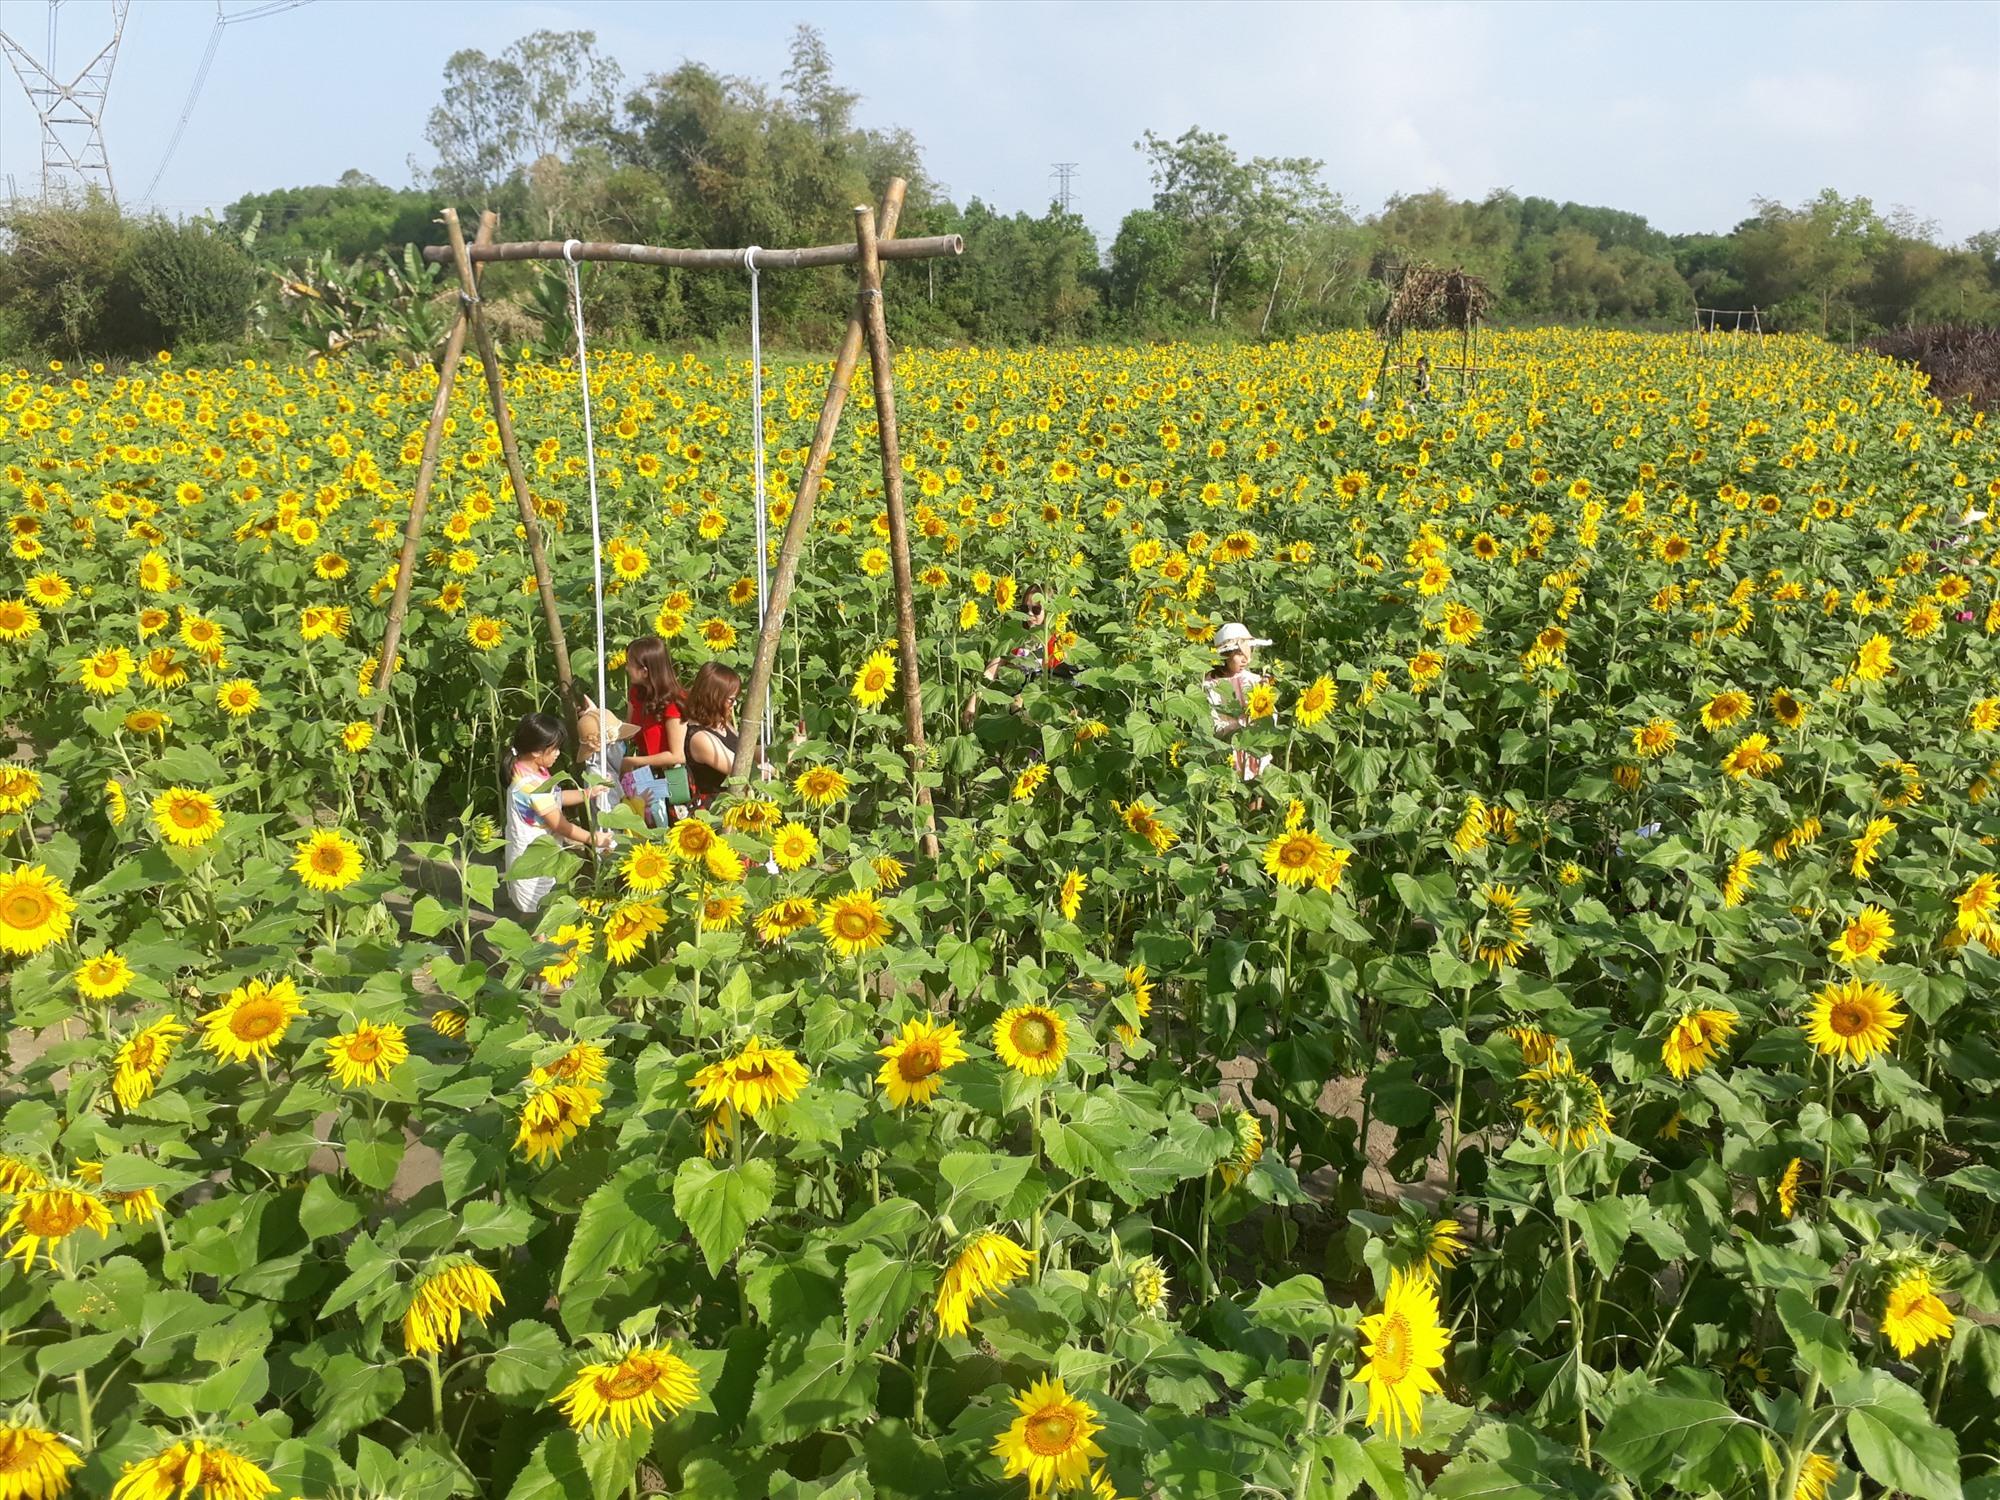 Cánh đồng hoa hướng dương tại phường Hòa Thuận thu hút du khách đến check-in. Ảnh: T.Q